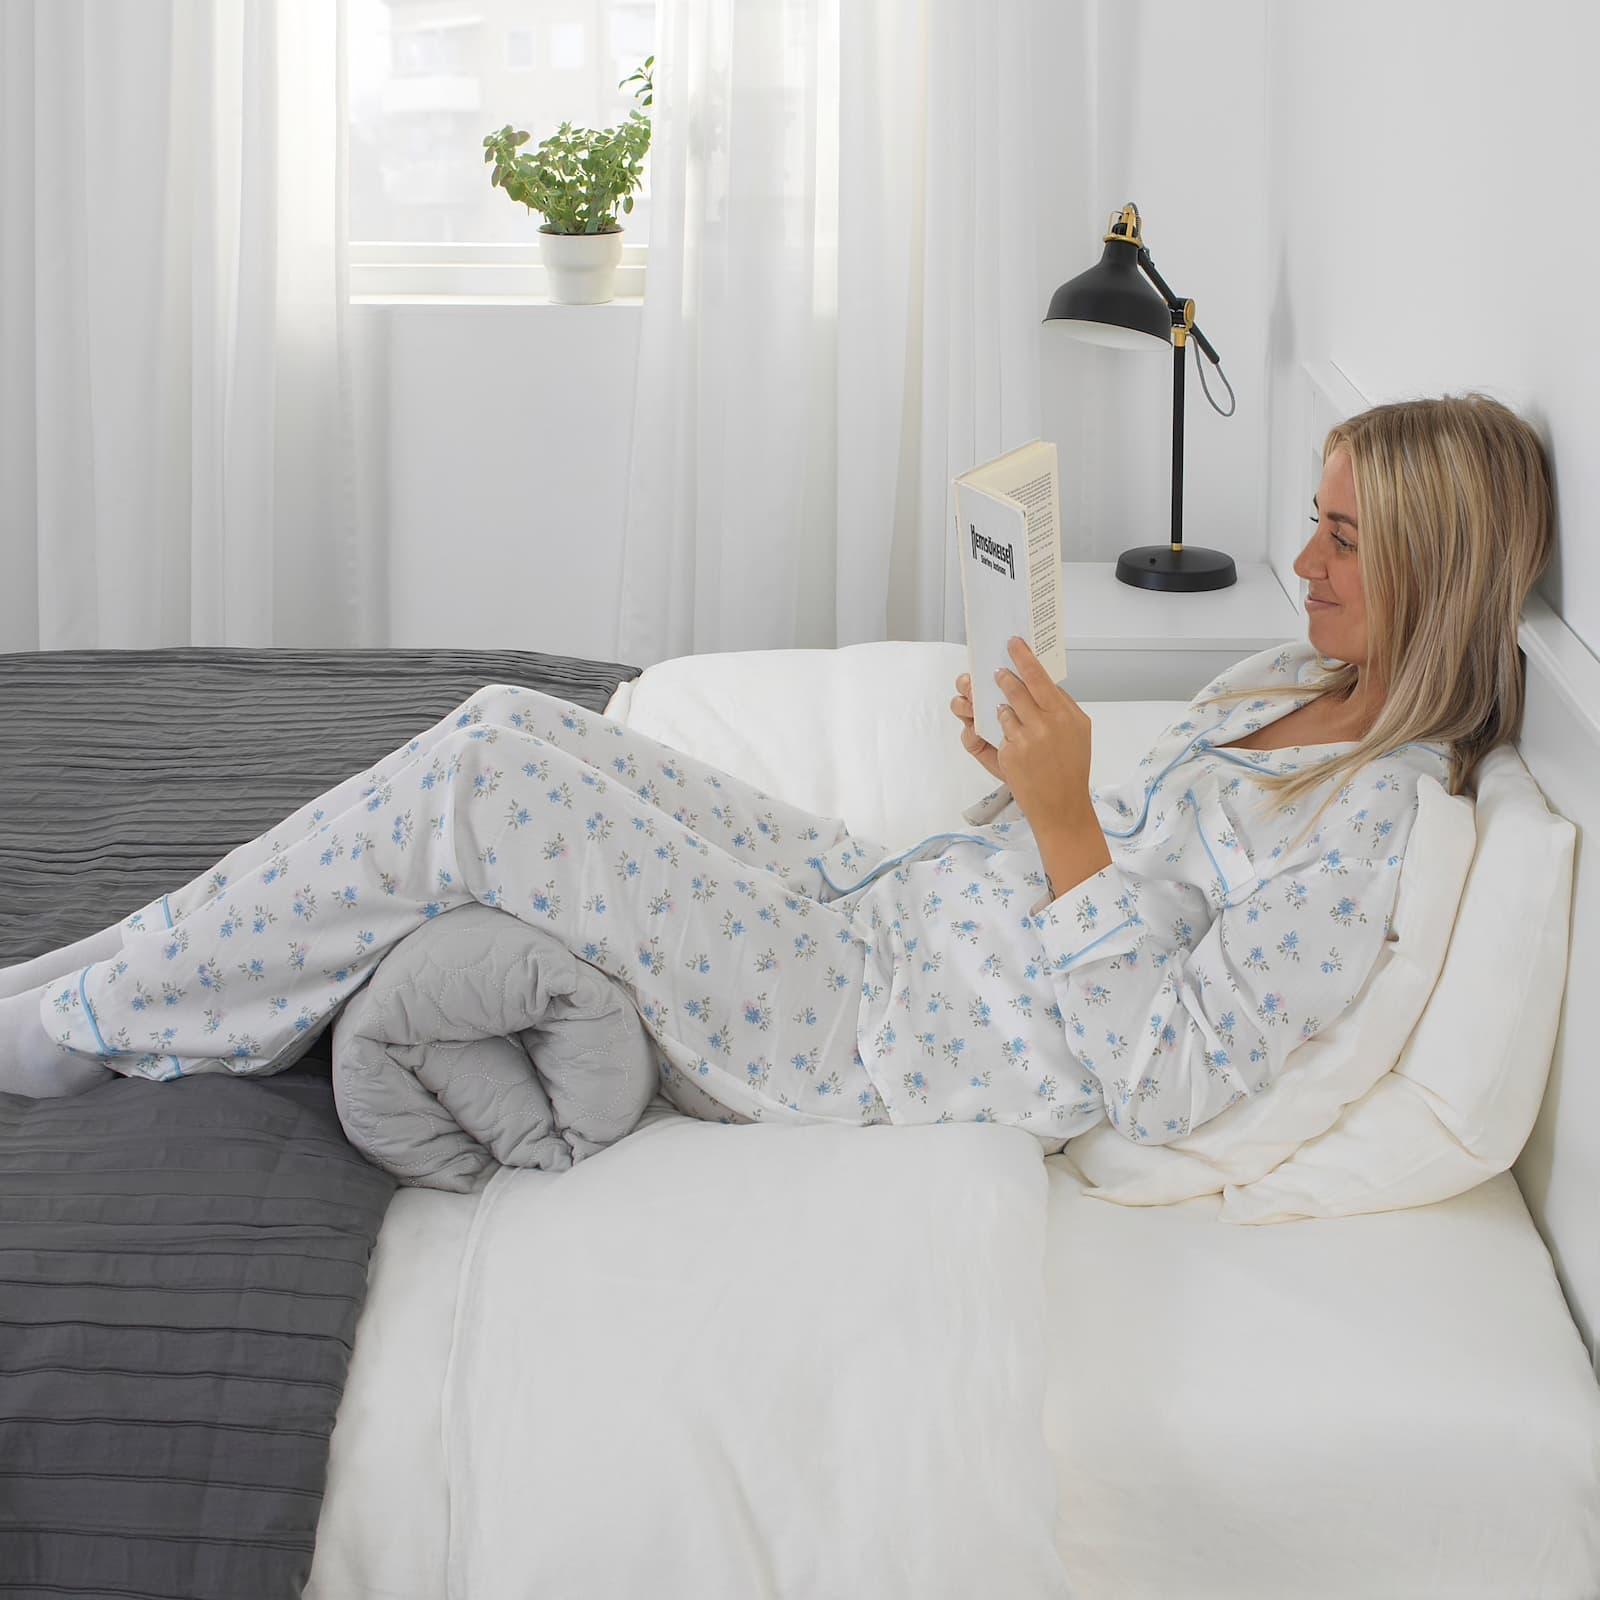 Cuscino multiuso pieghevole Omtaenksam - Fonte foto: Ikea